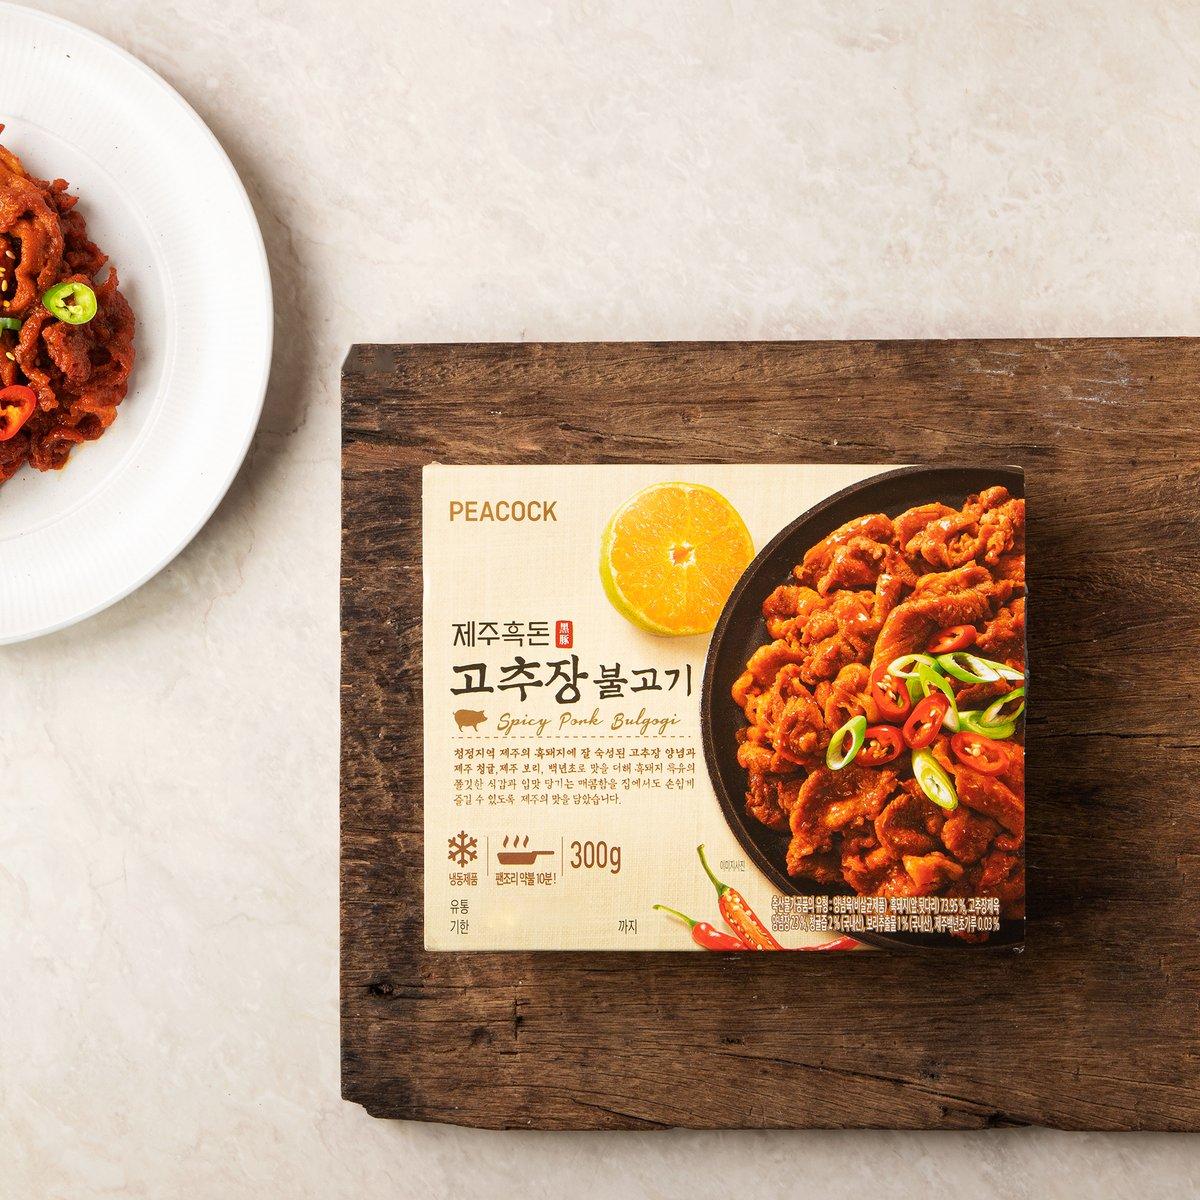 [피코크] 제주 흑돈 고추장 불고기300g